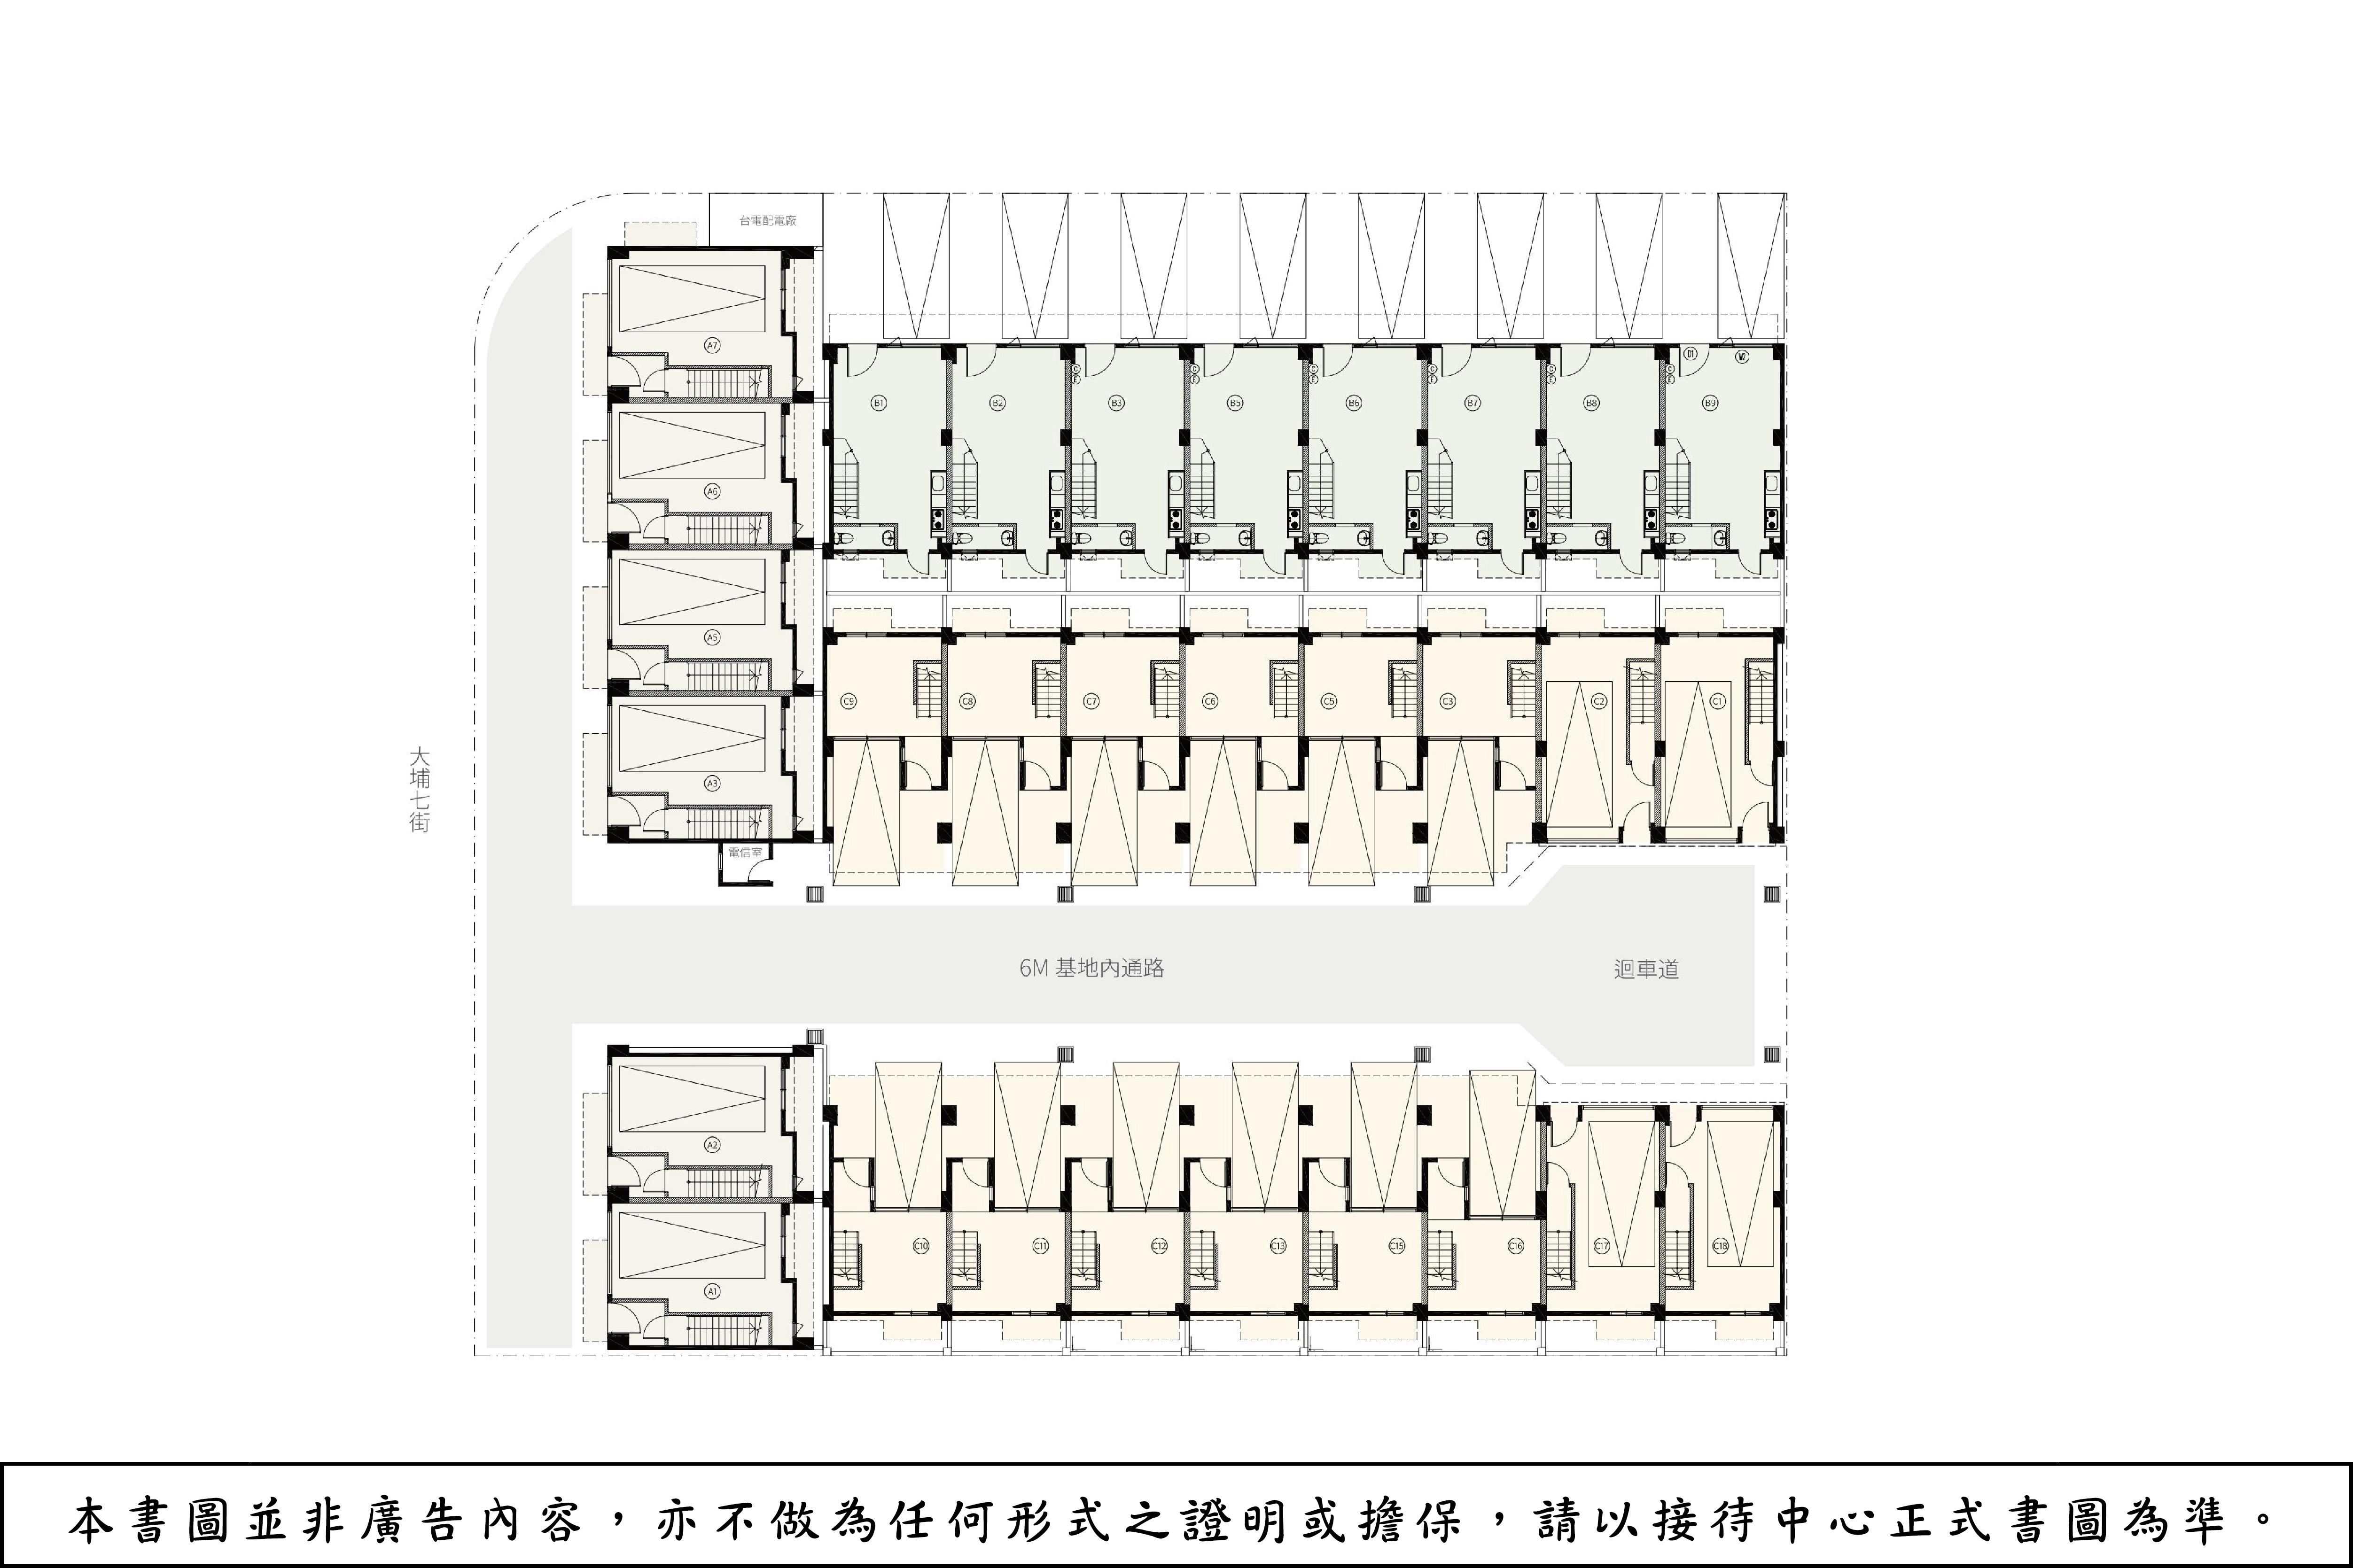 [竹南大埔]新家華建設-合合小里(透天)20180424-5.png